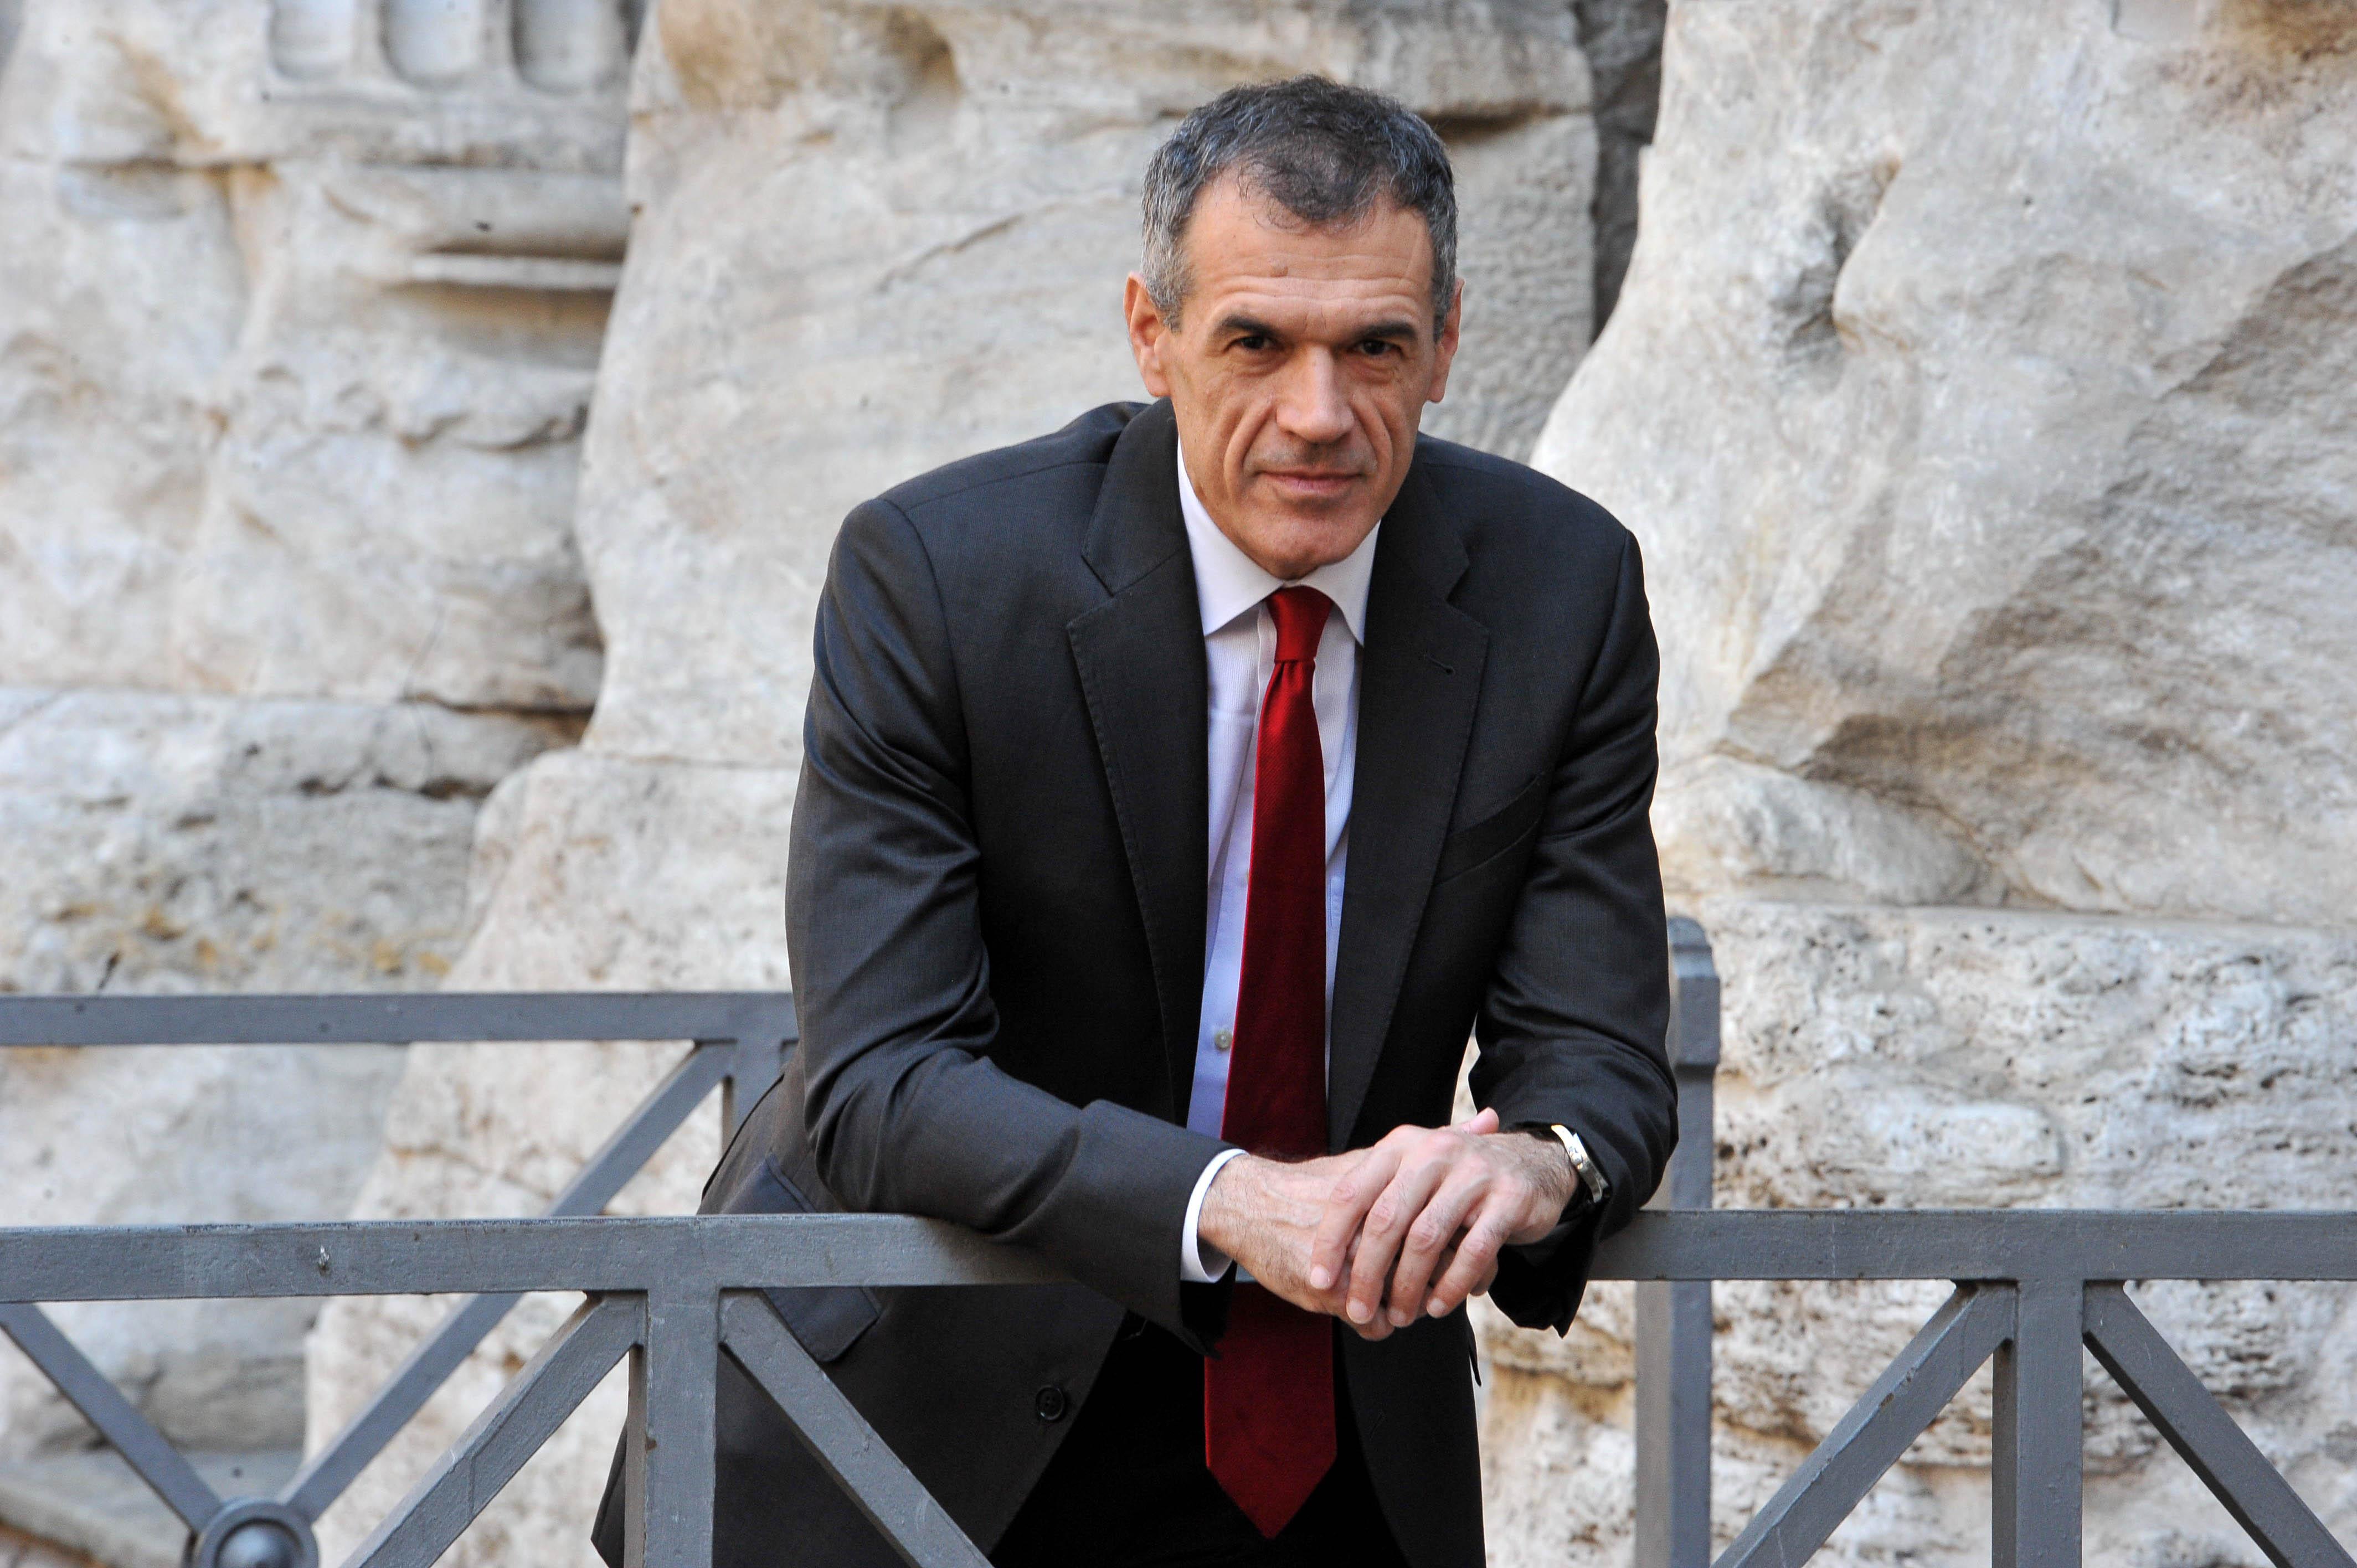 """Cottarelli: """"Battere la corruzione, ma correggendo la burocrazia in eccesso"""""""